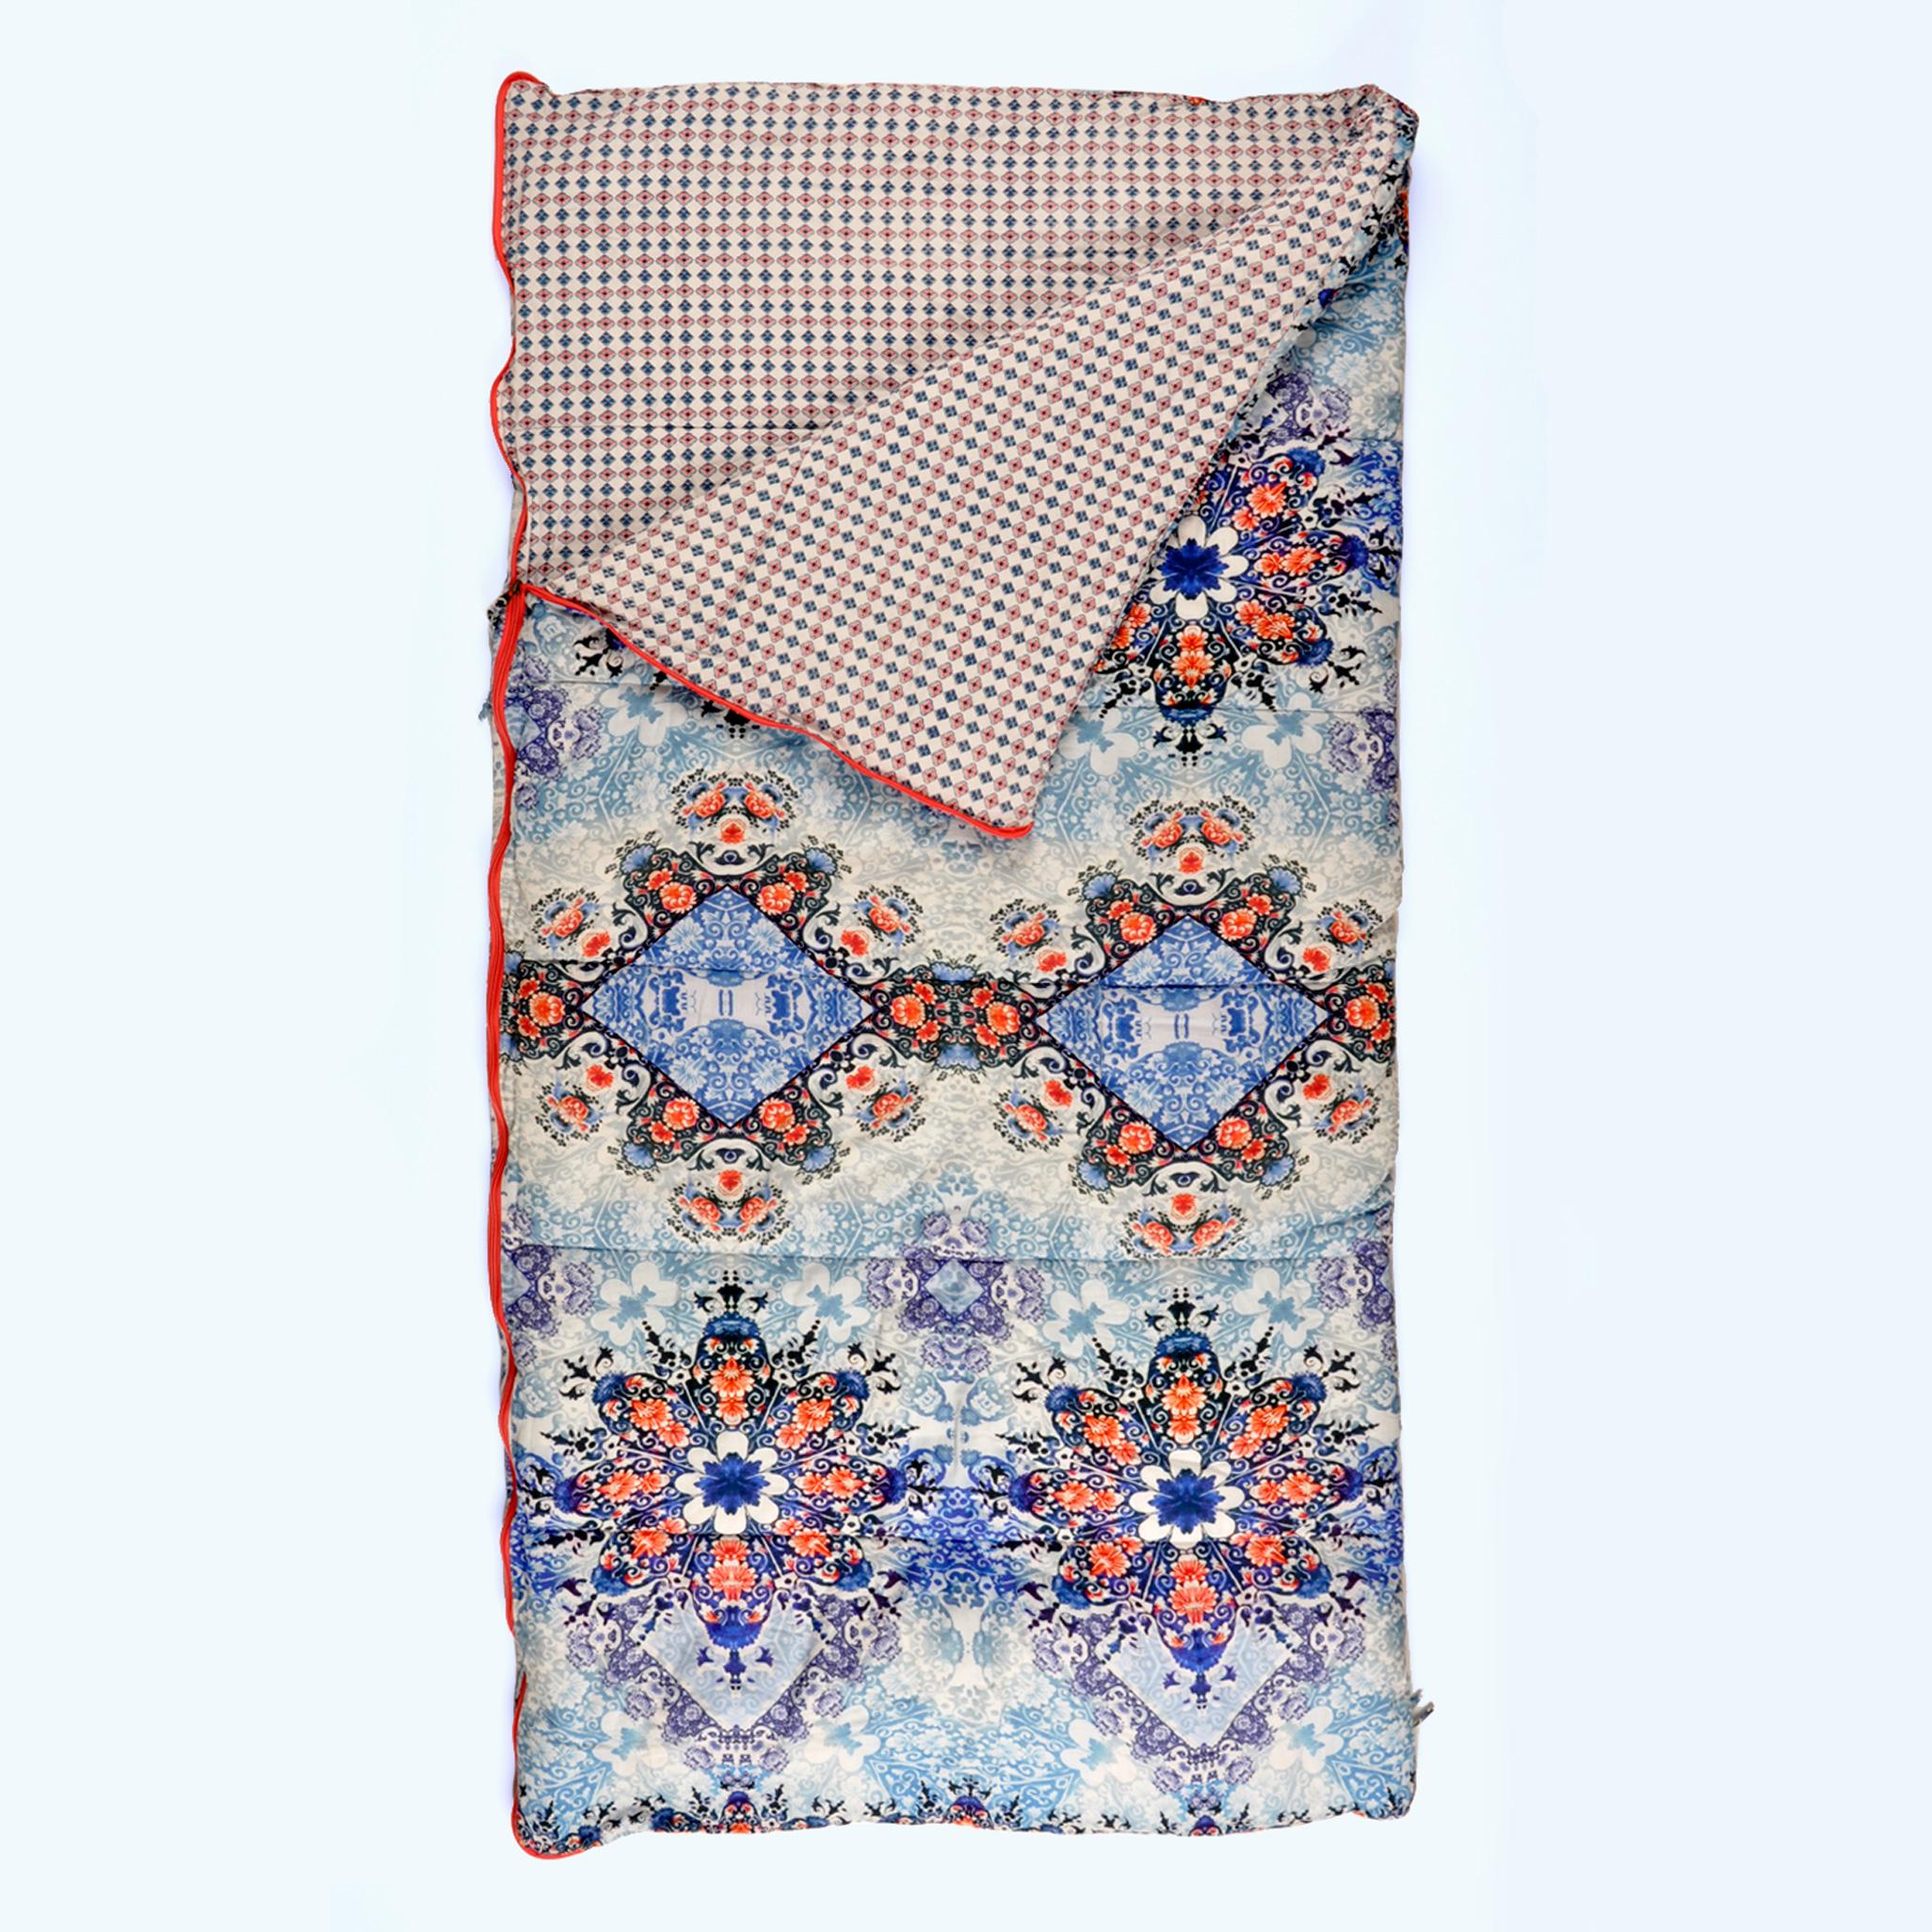 Geo Dreaming Sleeping Beauties single and longer length sleeping bags